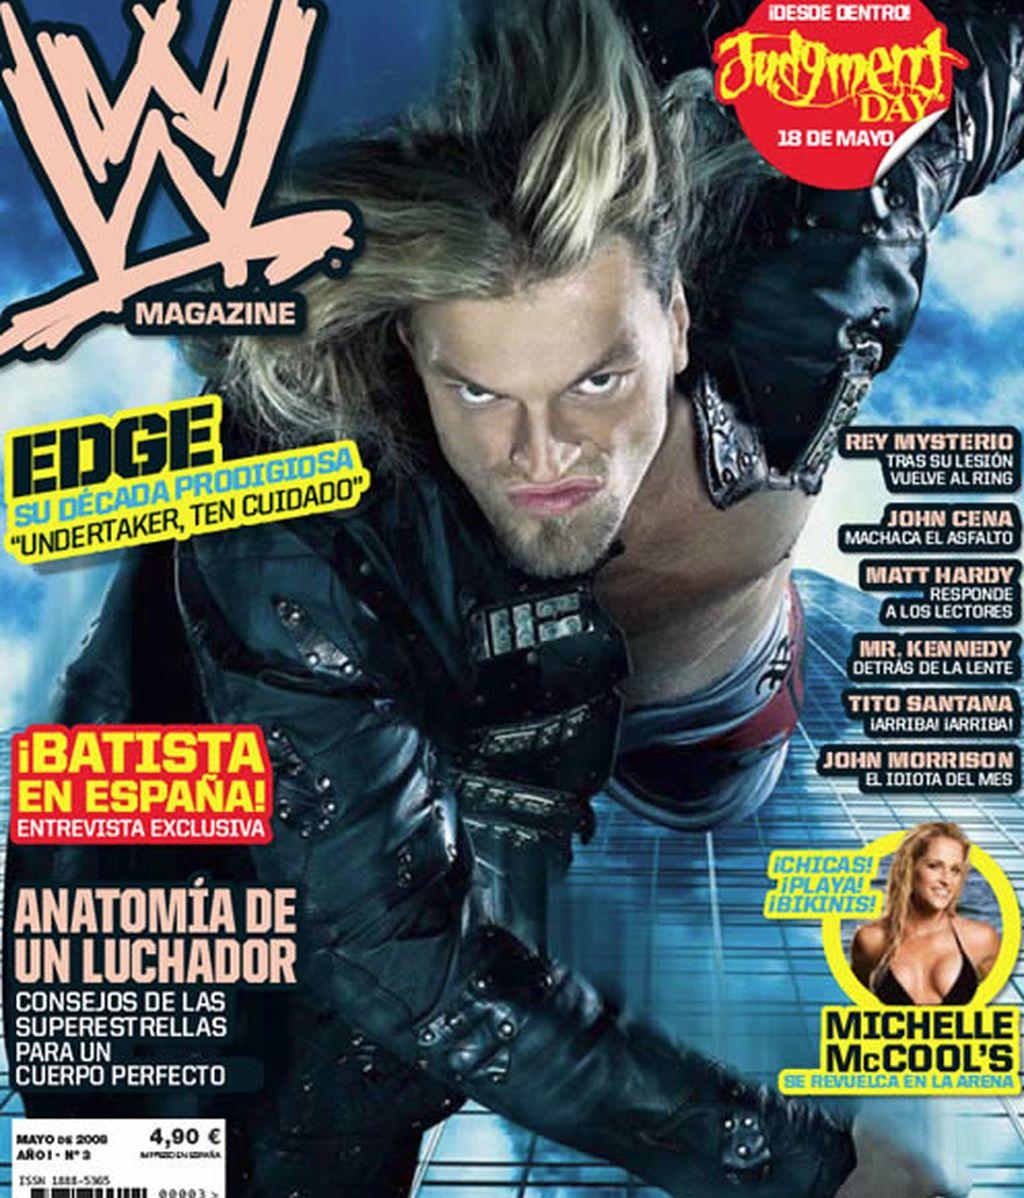 Revista mayo 2008